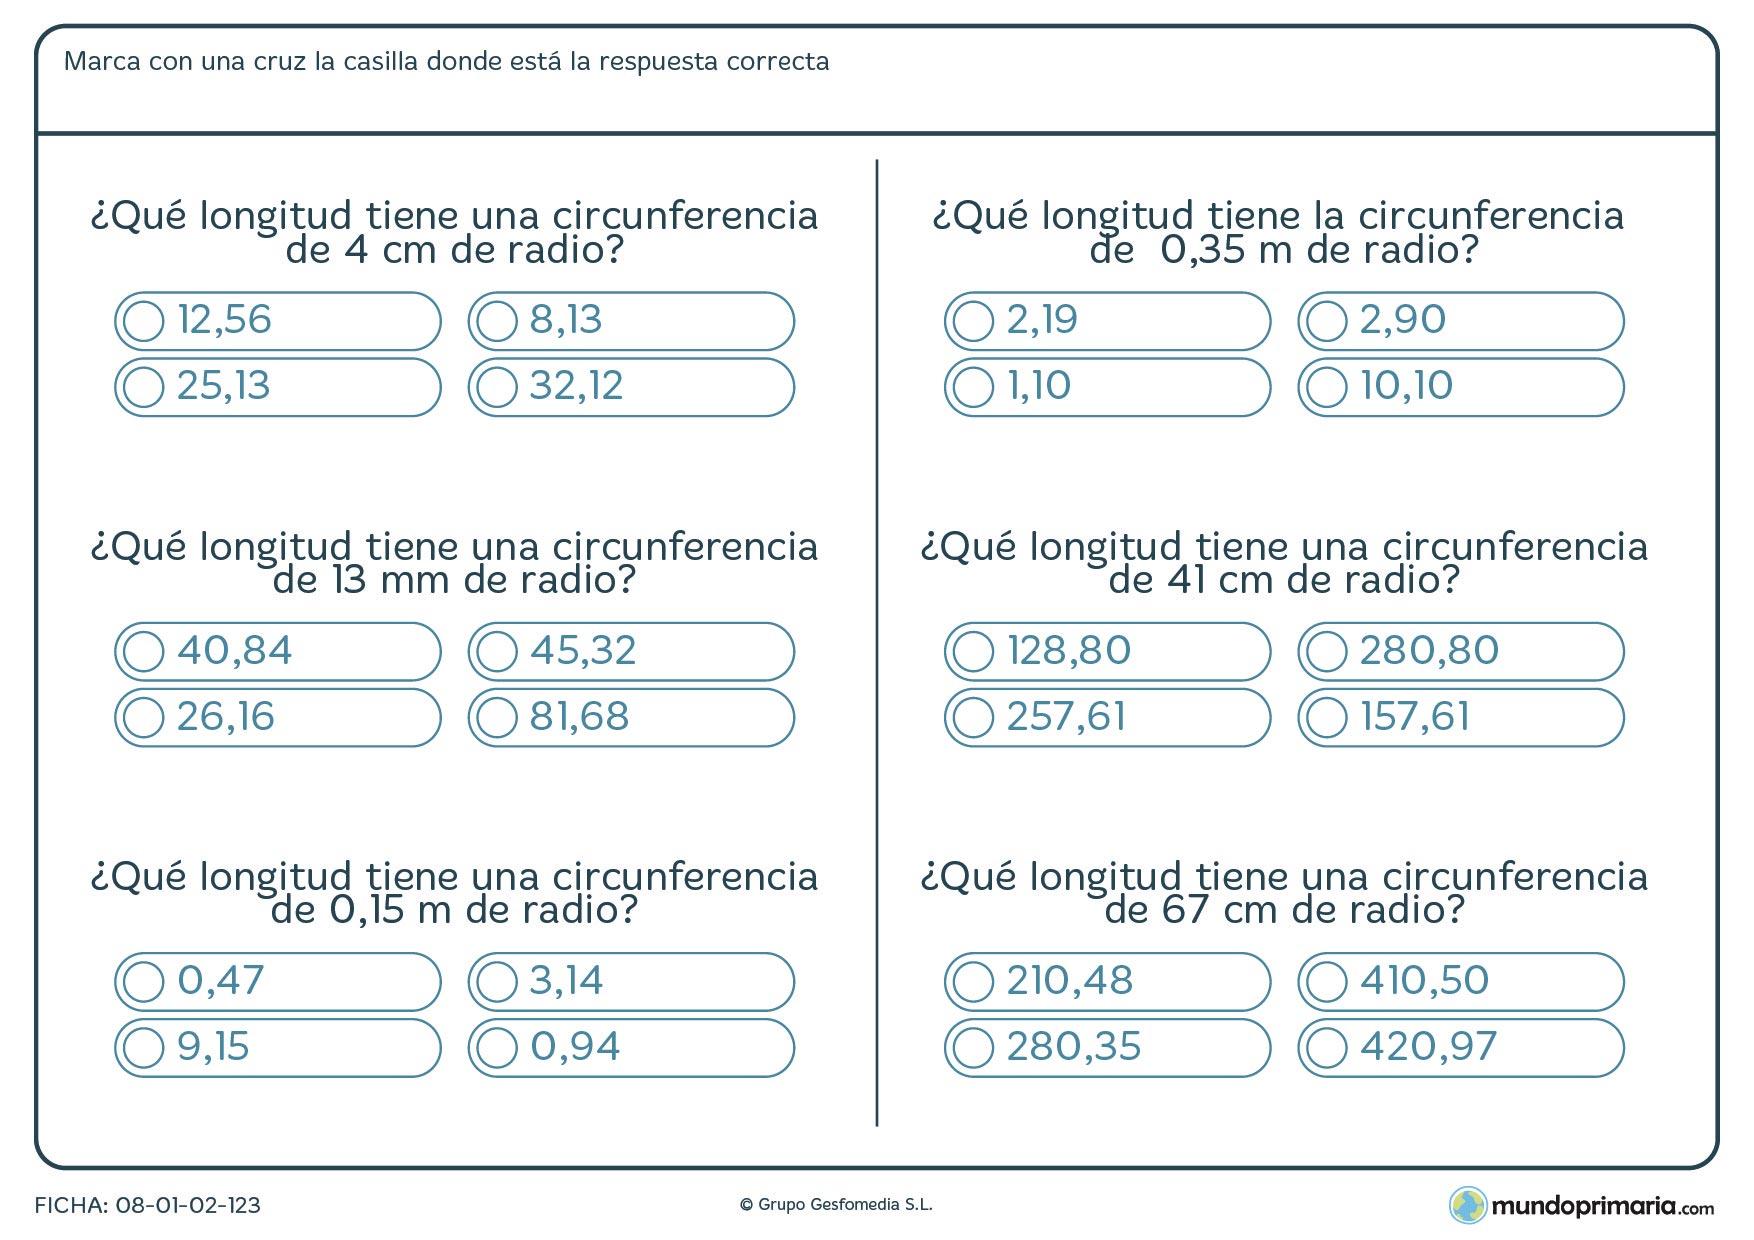 Ficha de hallar longitud circunferencia para hallar sabiendo su radio.